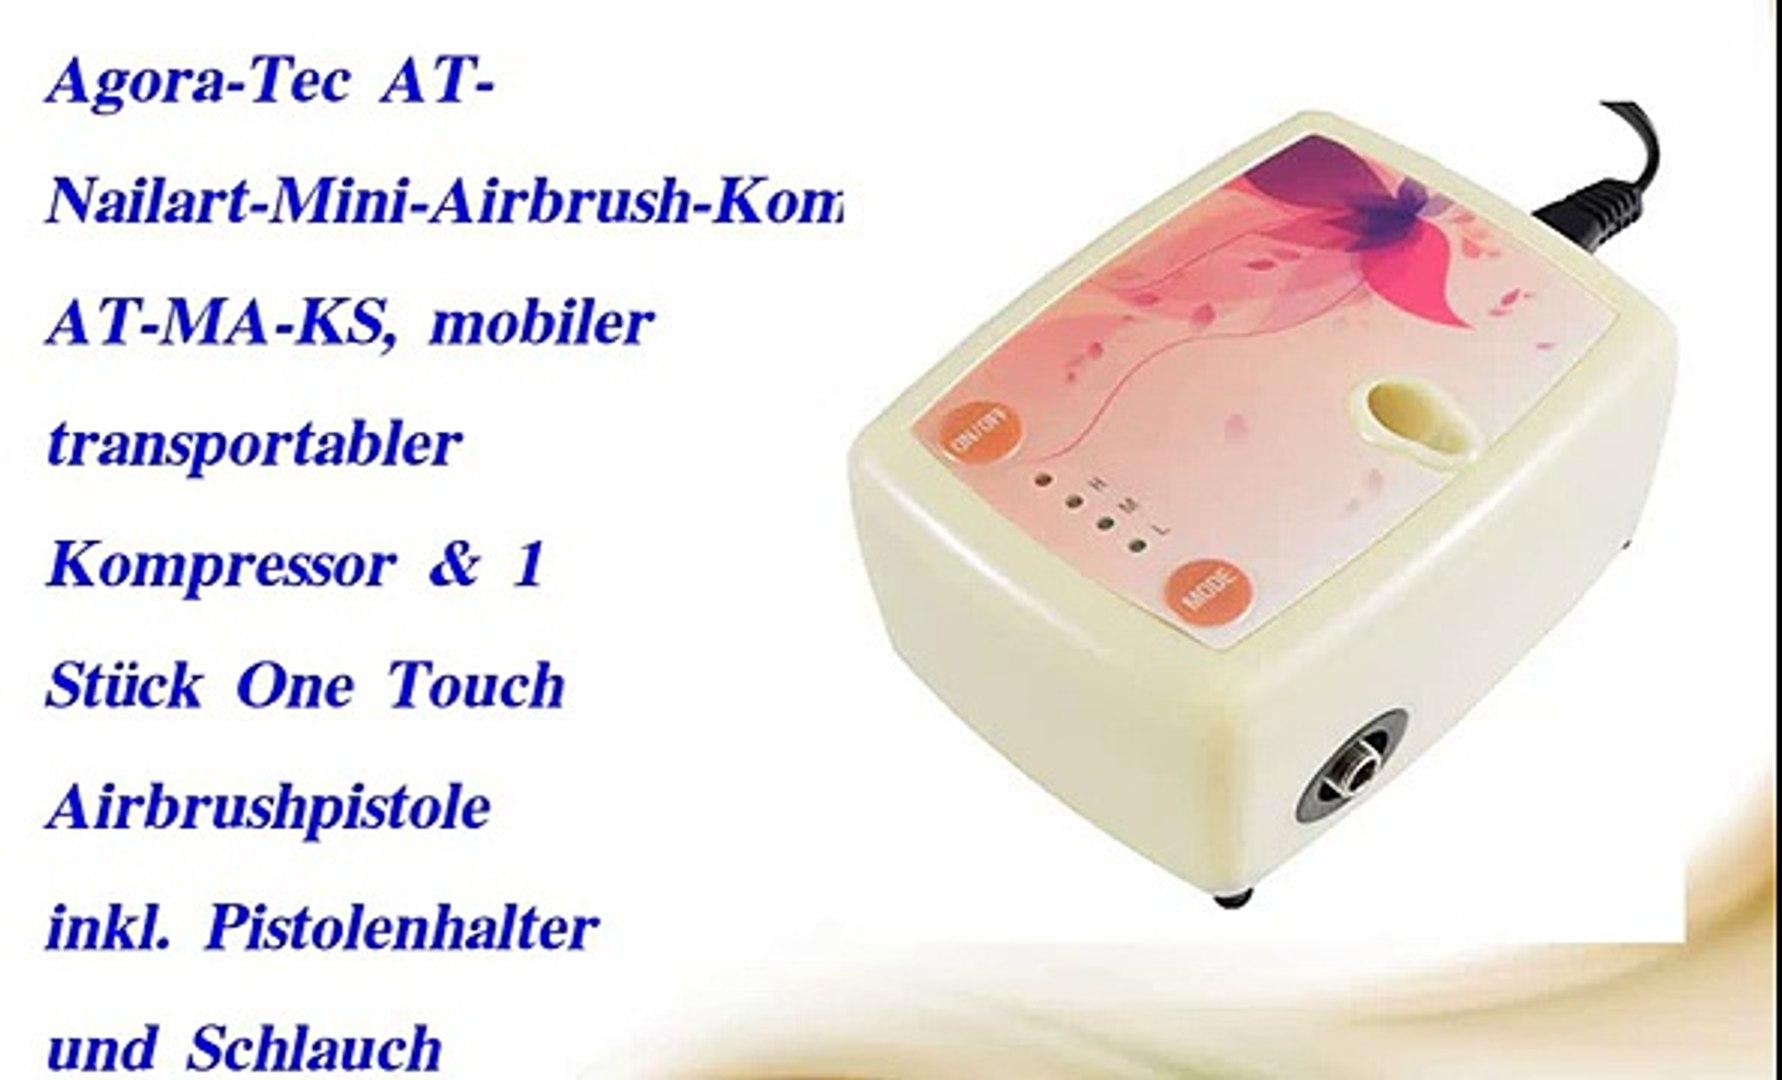 Agora-Tec/® AT Pistolenhalter und Schlauch mobiler transportabler Kompressor /& 1 St/ück One Touch Airbrushpistole inkl Nailart-Mini-Airbrush-Kompressor-Komplett-Set AT-MA-KS